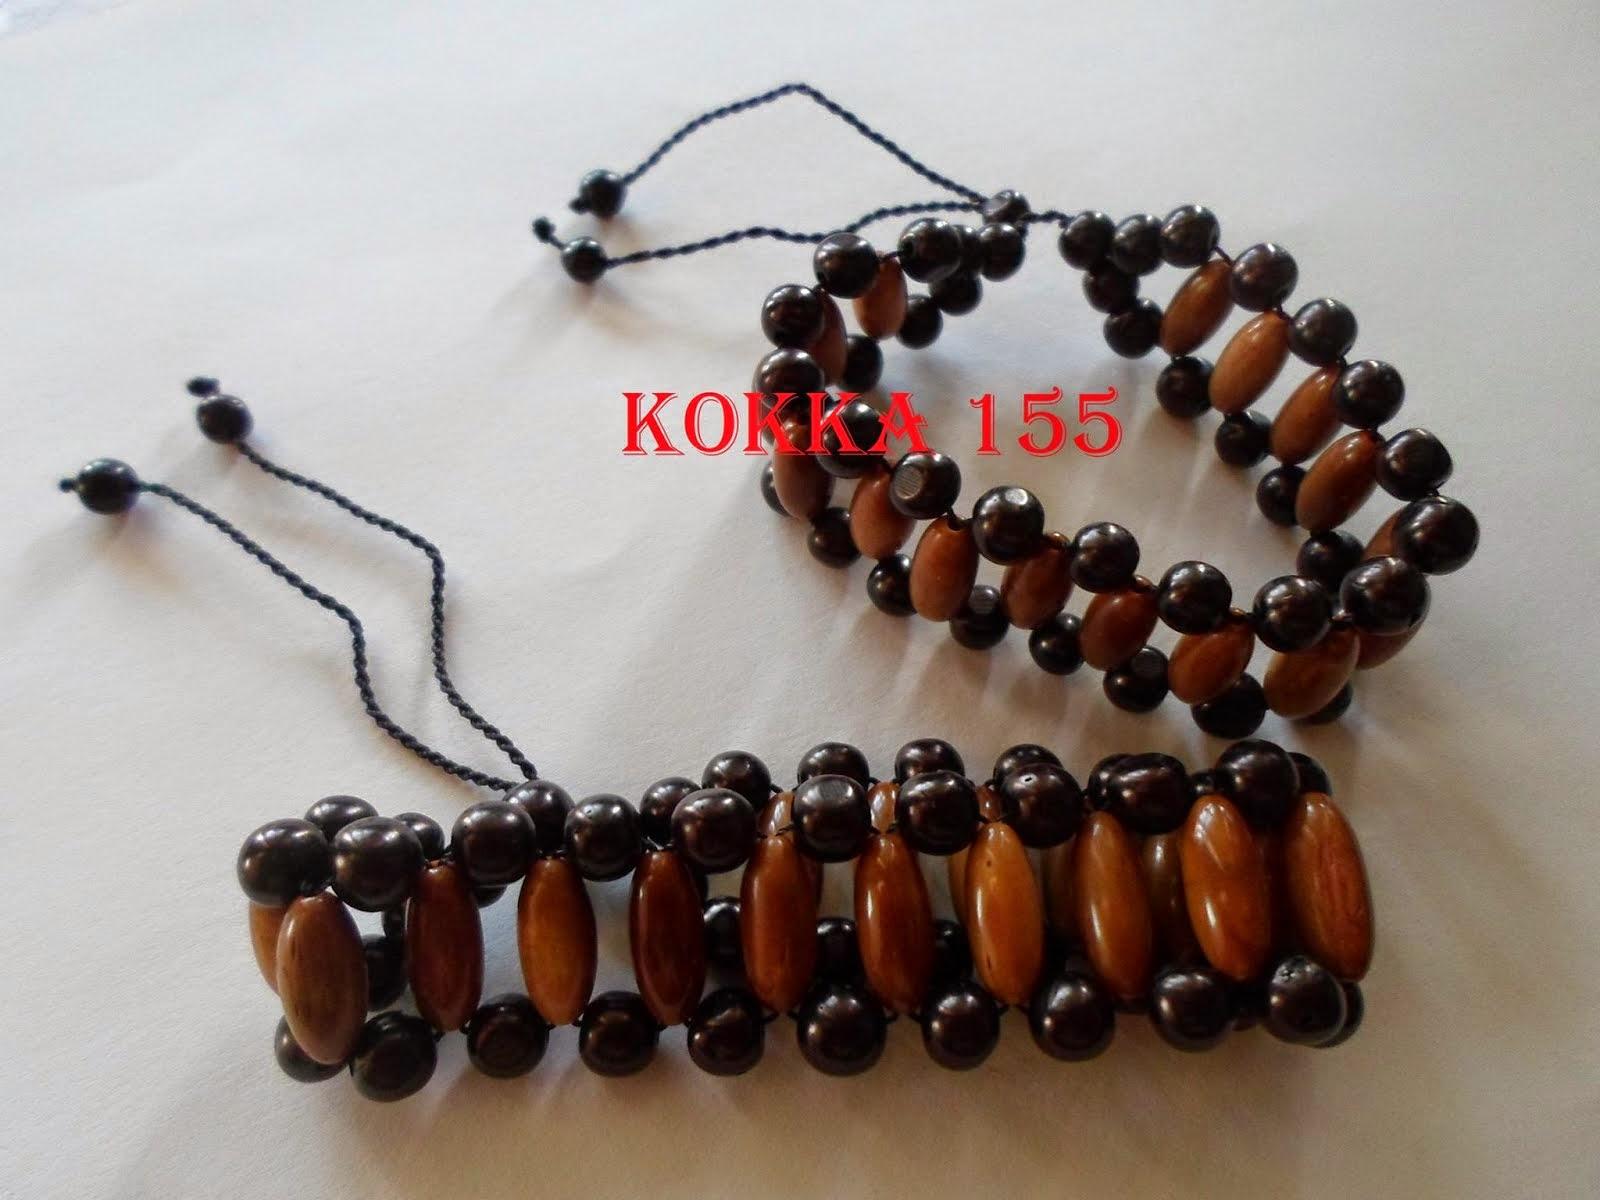 KOKKA 155